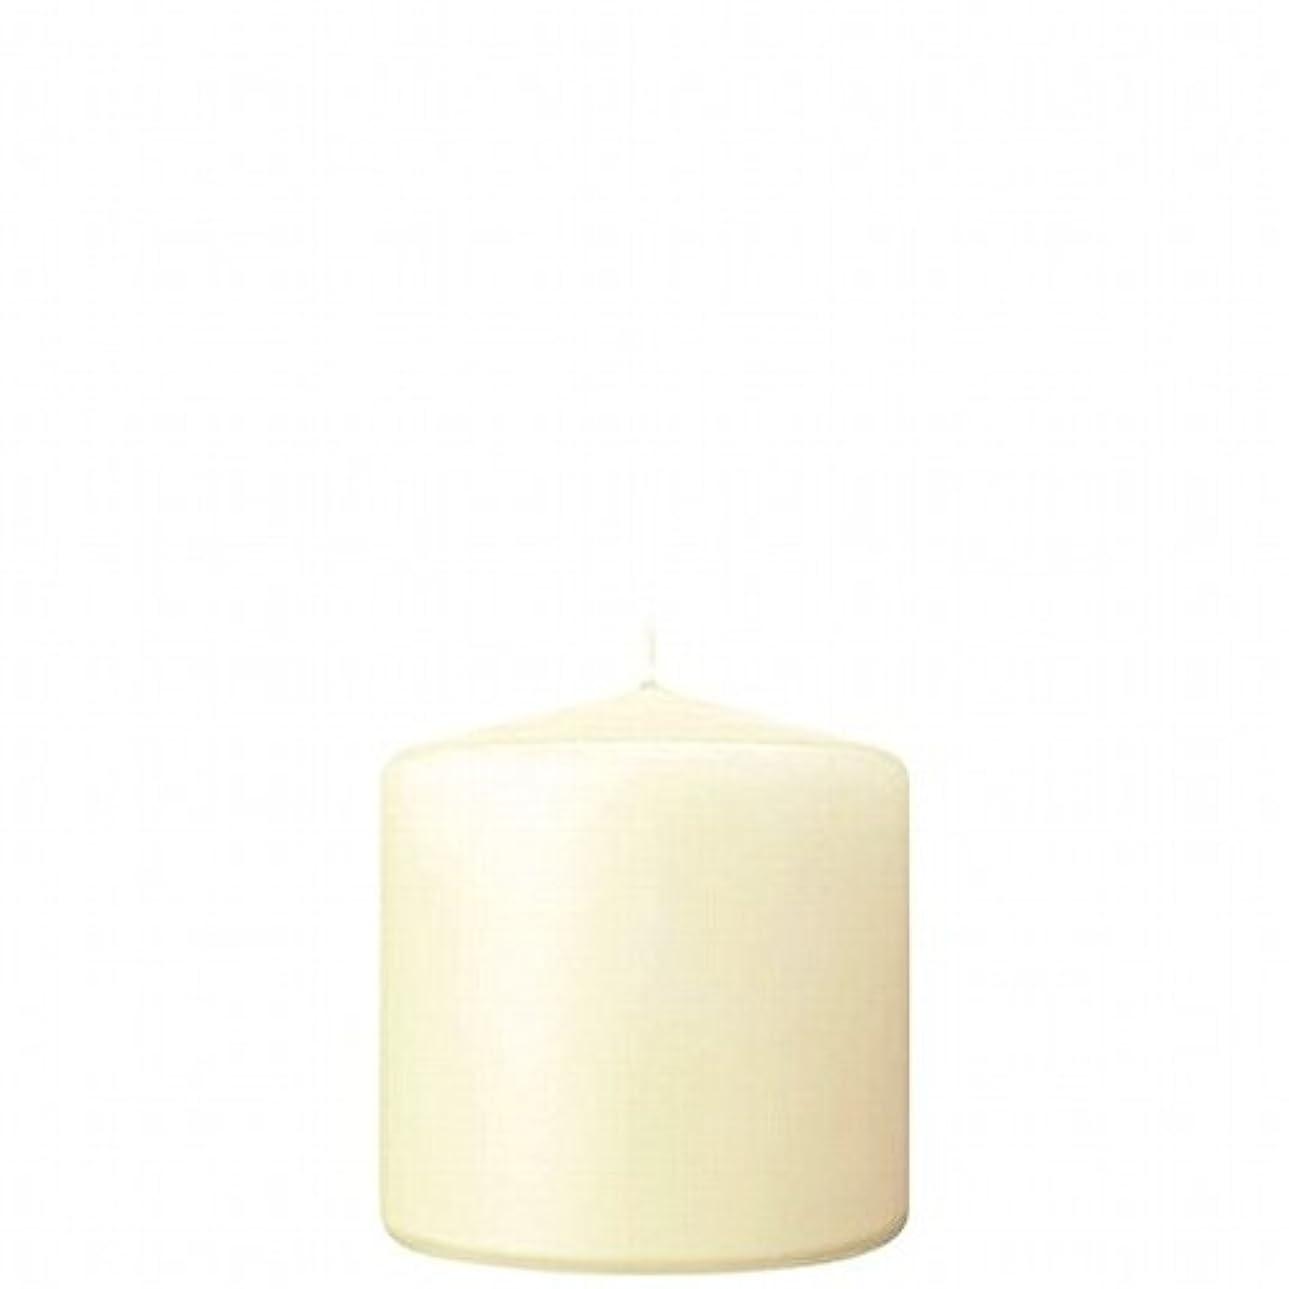 磁気砲撃石膏kameyama candle(カメヤマキャンドル) 3×3ベルトップピラーキャンドル 「 アイボリー 」(A9730000IV)